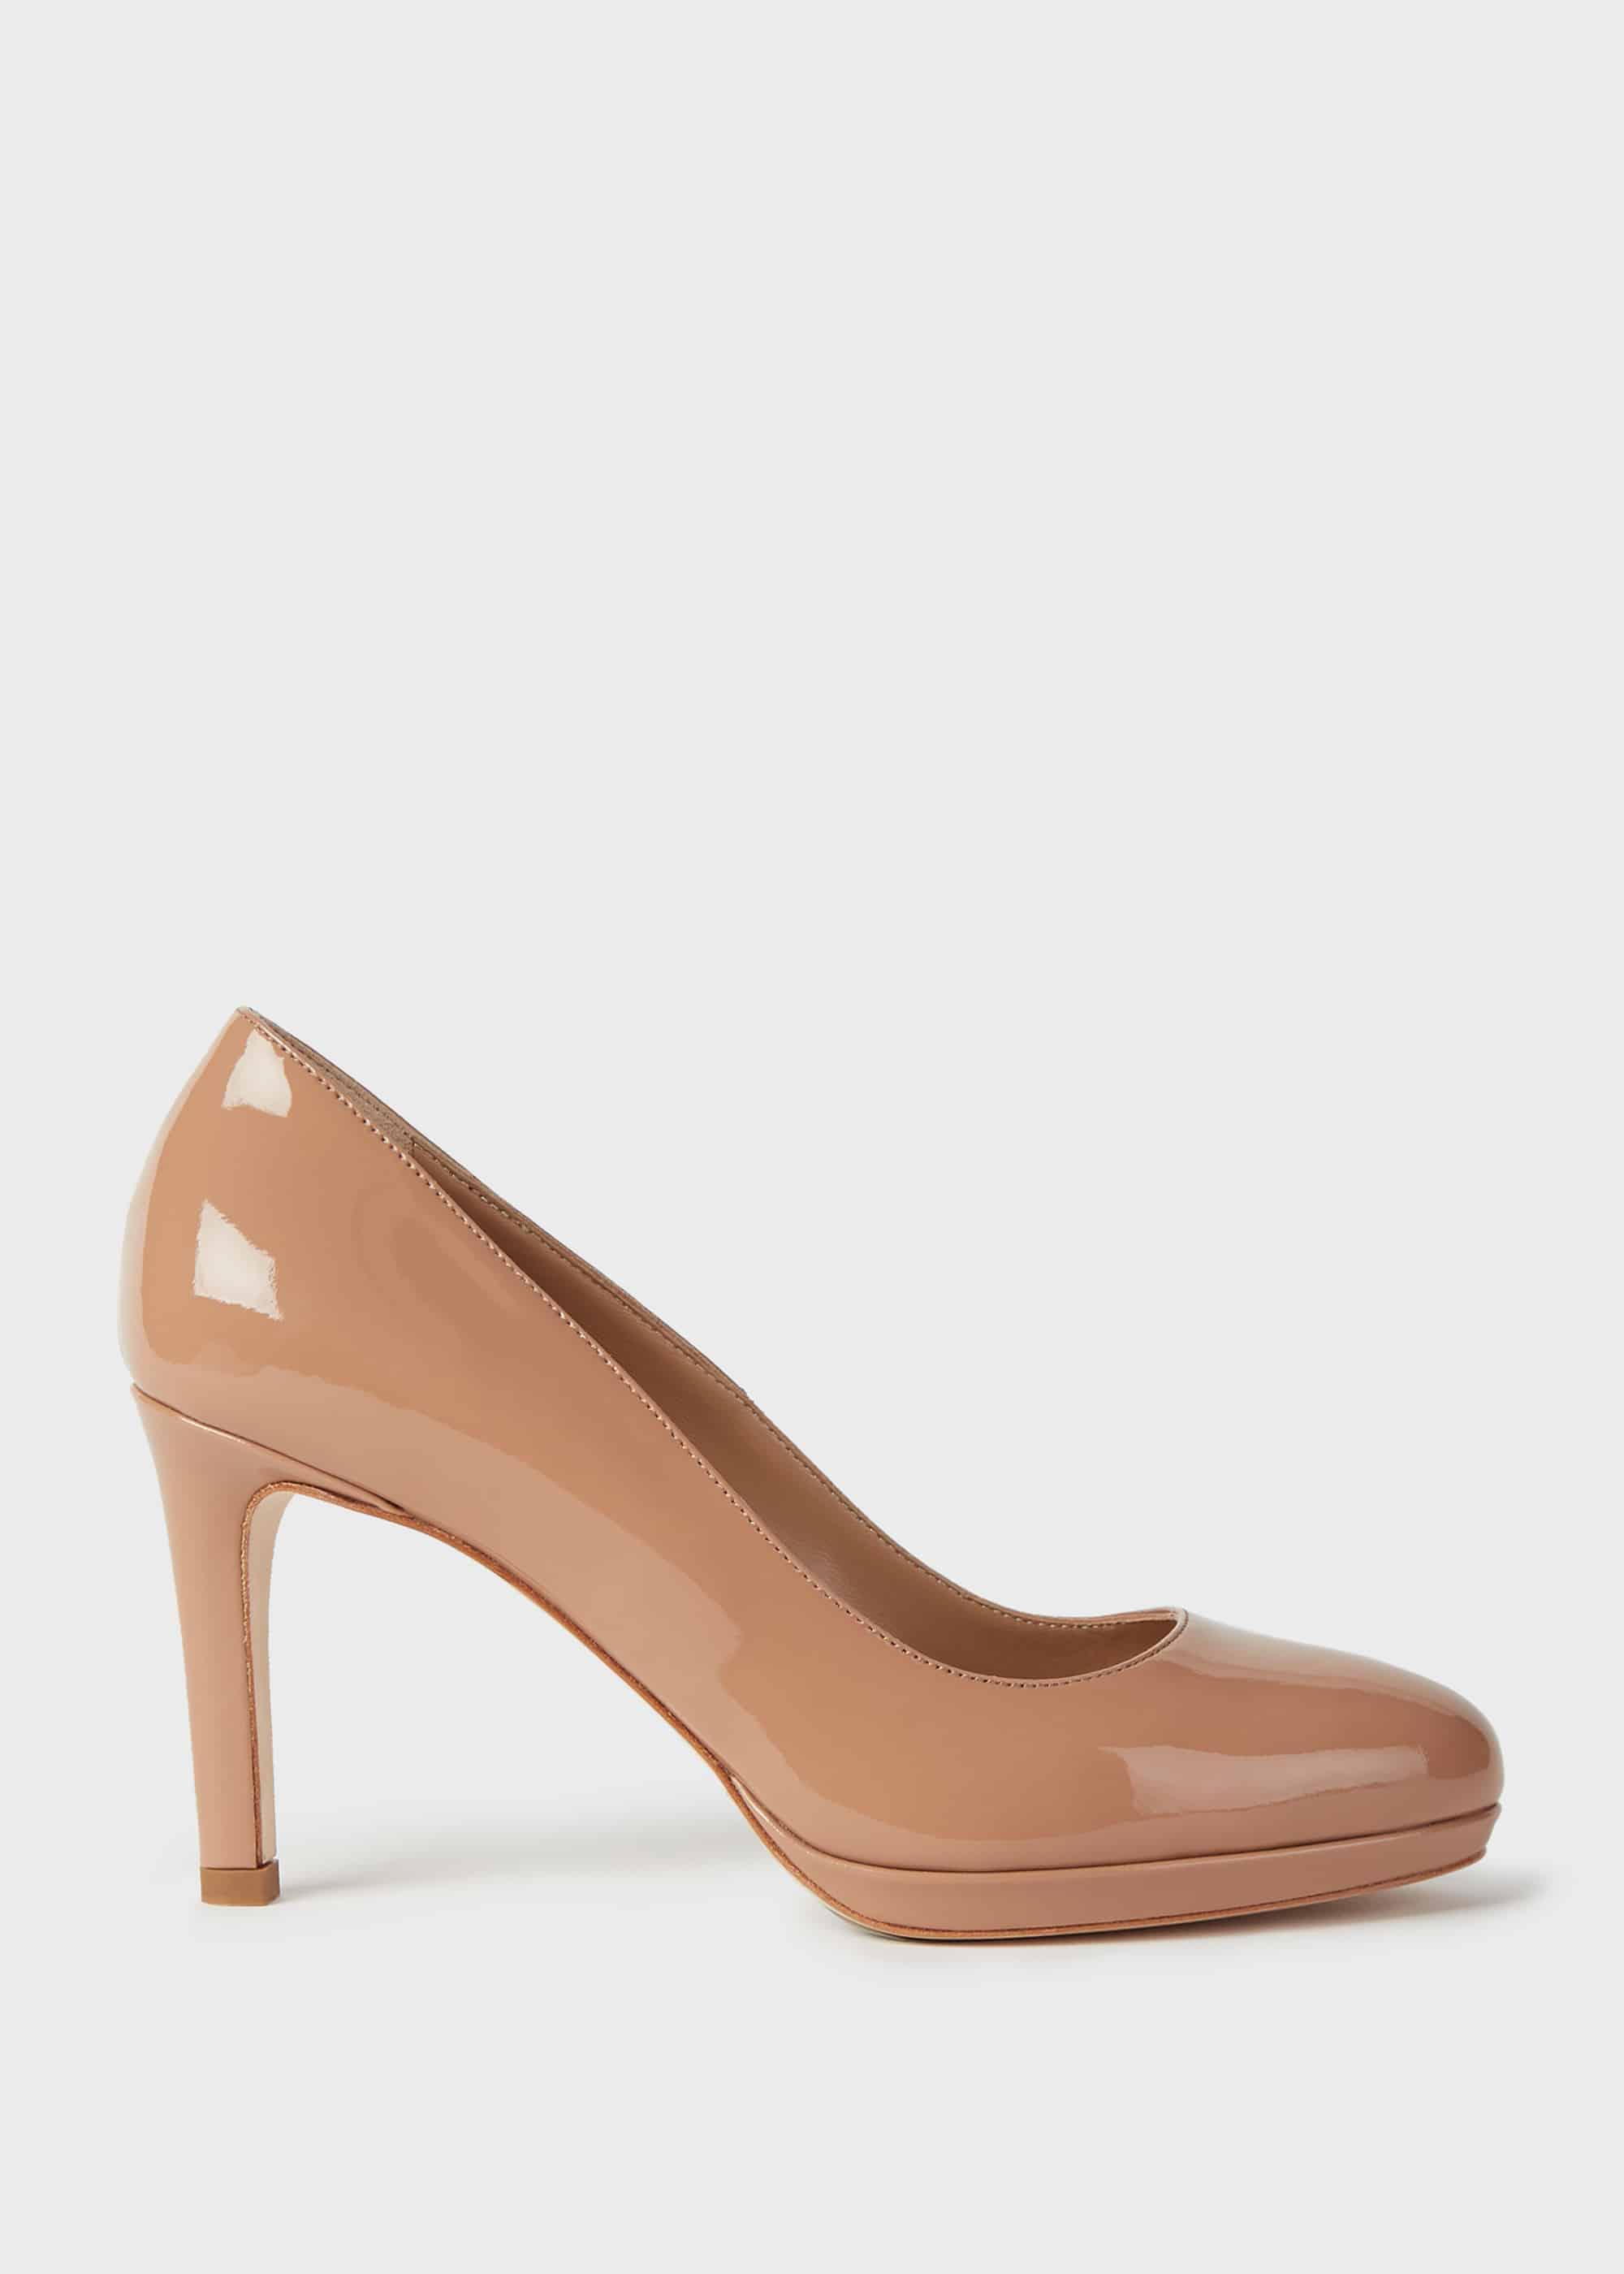 Hobbs Women Julietta Patent Stiletto Court Shoes